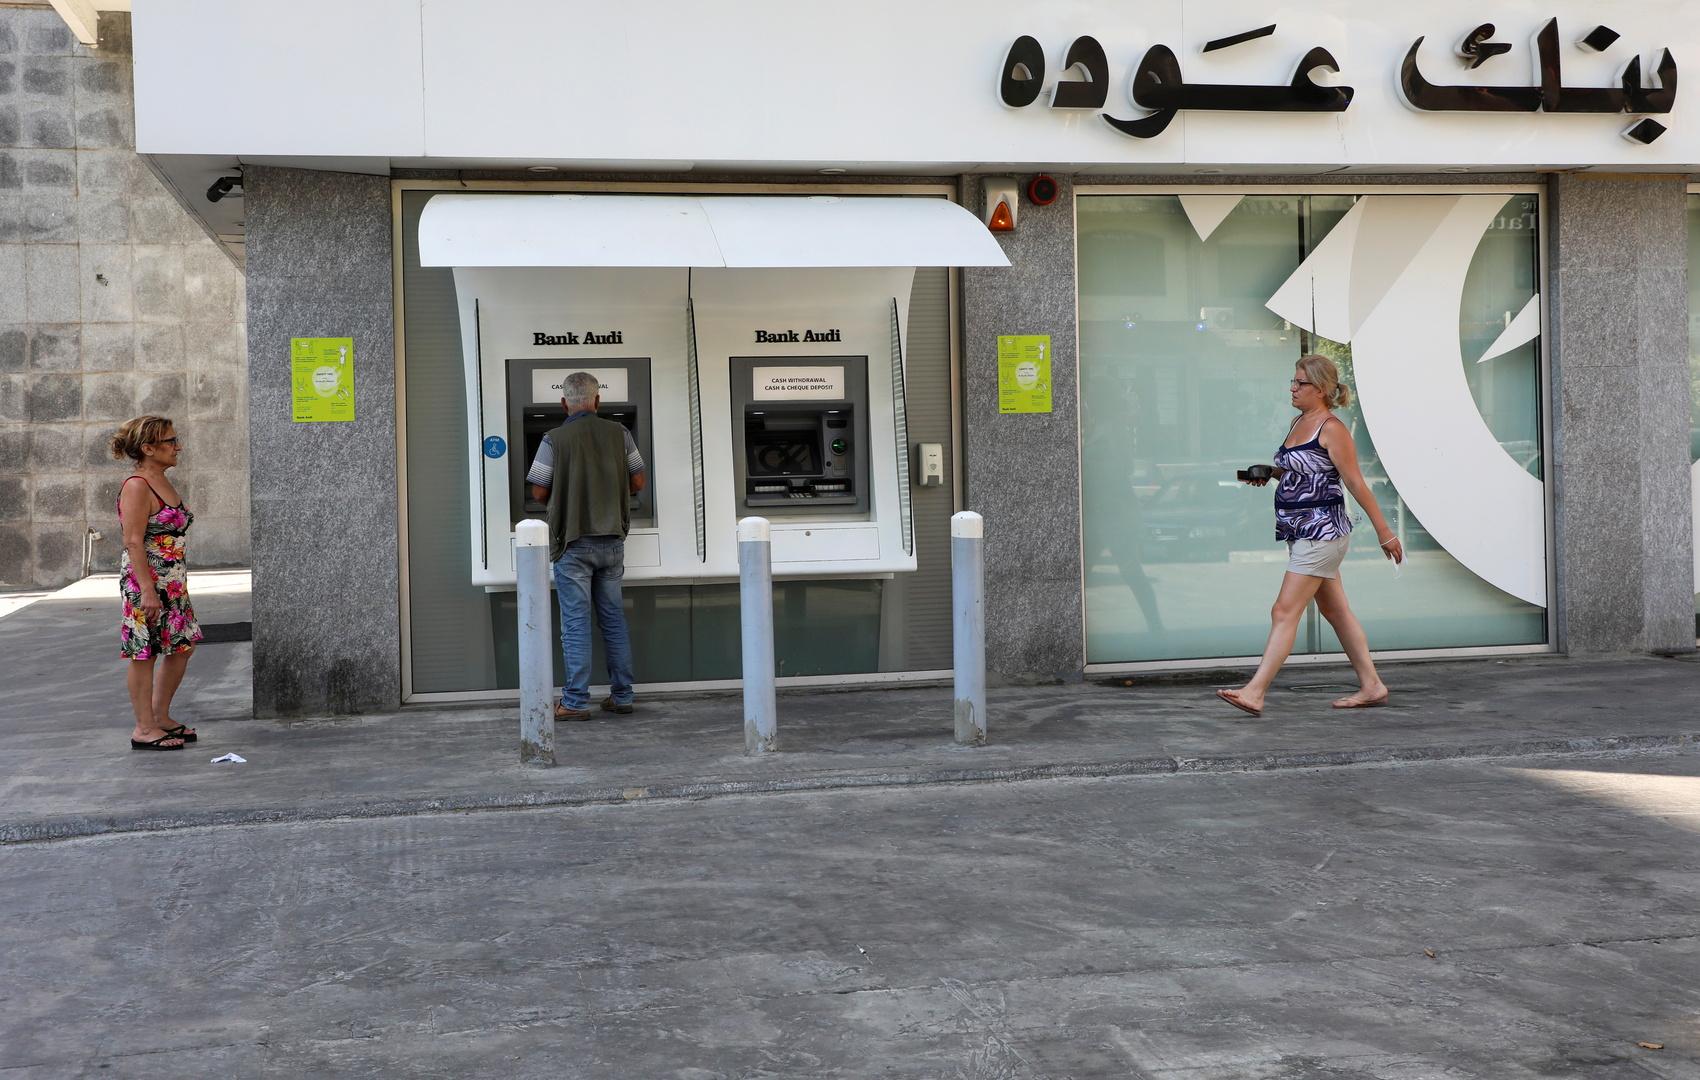 جمعية مصارف لبنان توضح موضوع سقوف السحوبات النقدية